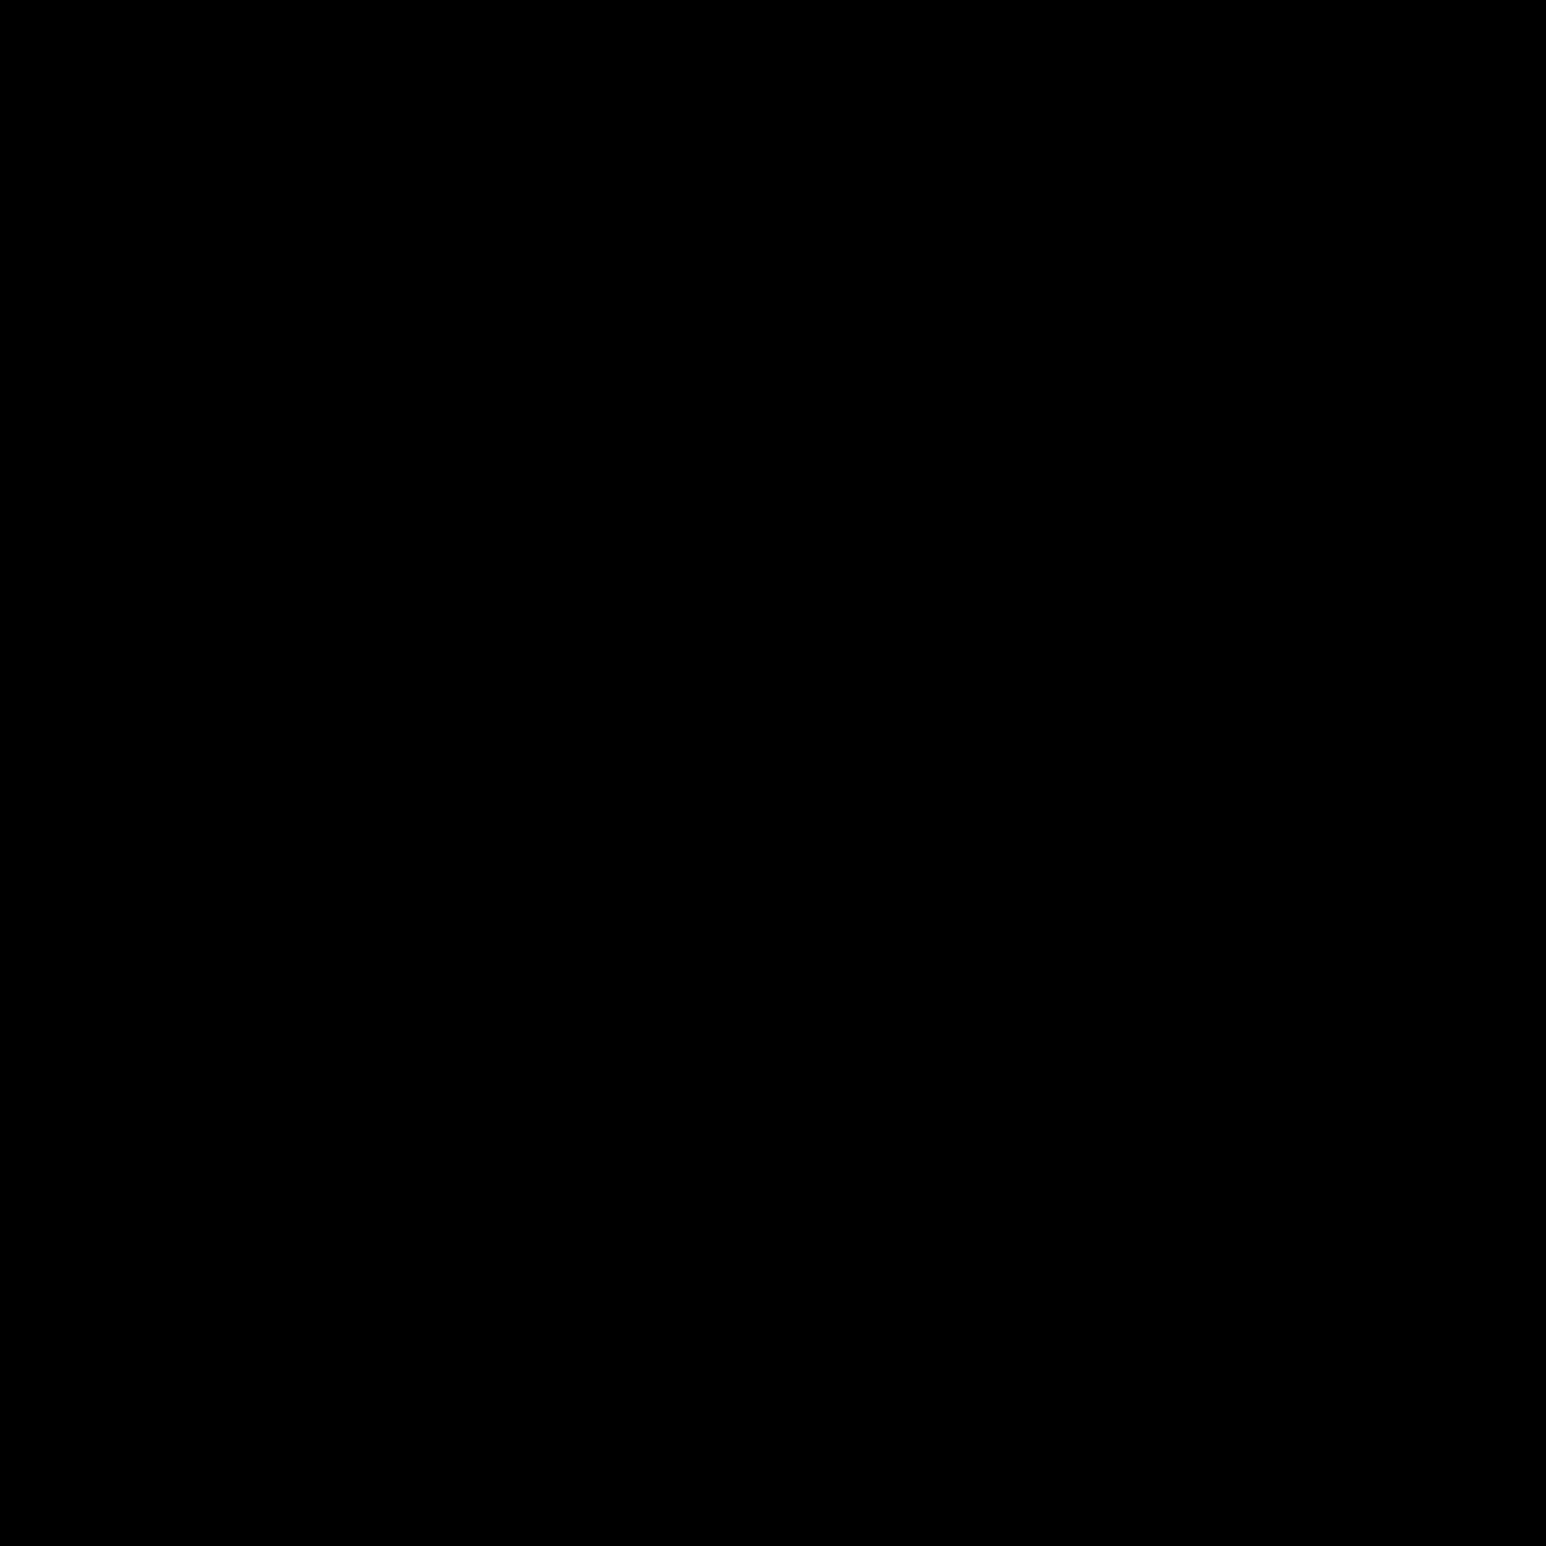 Разработка логотипа и фирменного стиля фото f_0105d9a2e602ecb8.png